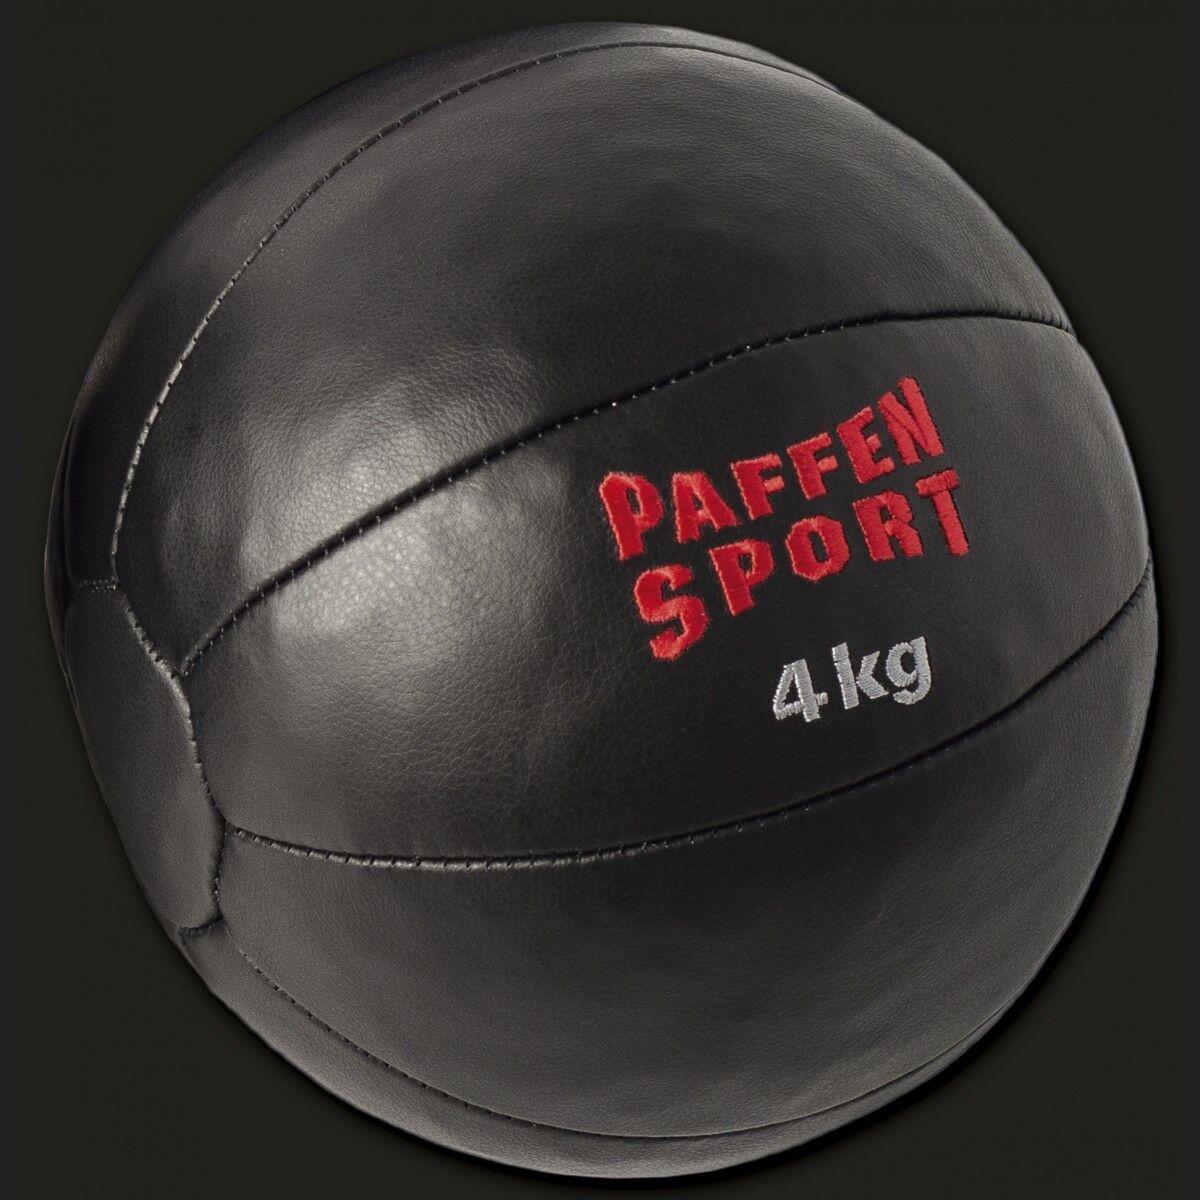 Star Medizinball von von von Paffen Sport in 4Kg. Fitness, Kampfsport, Boxen, MMA 530269